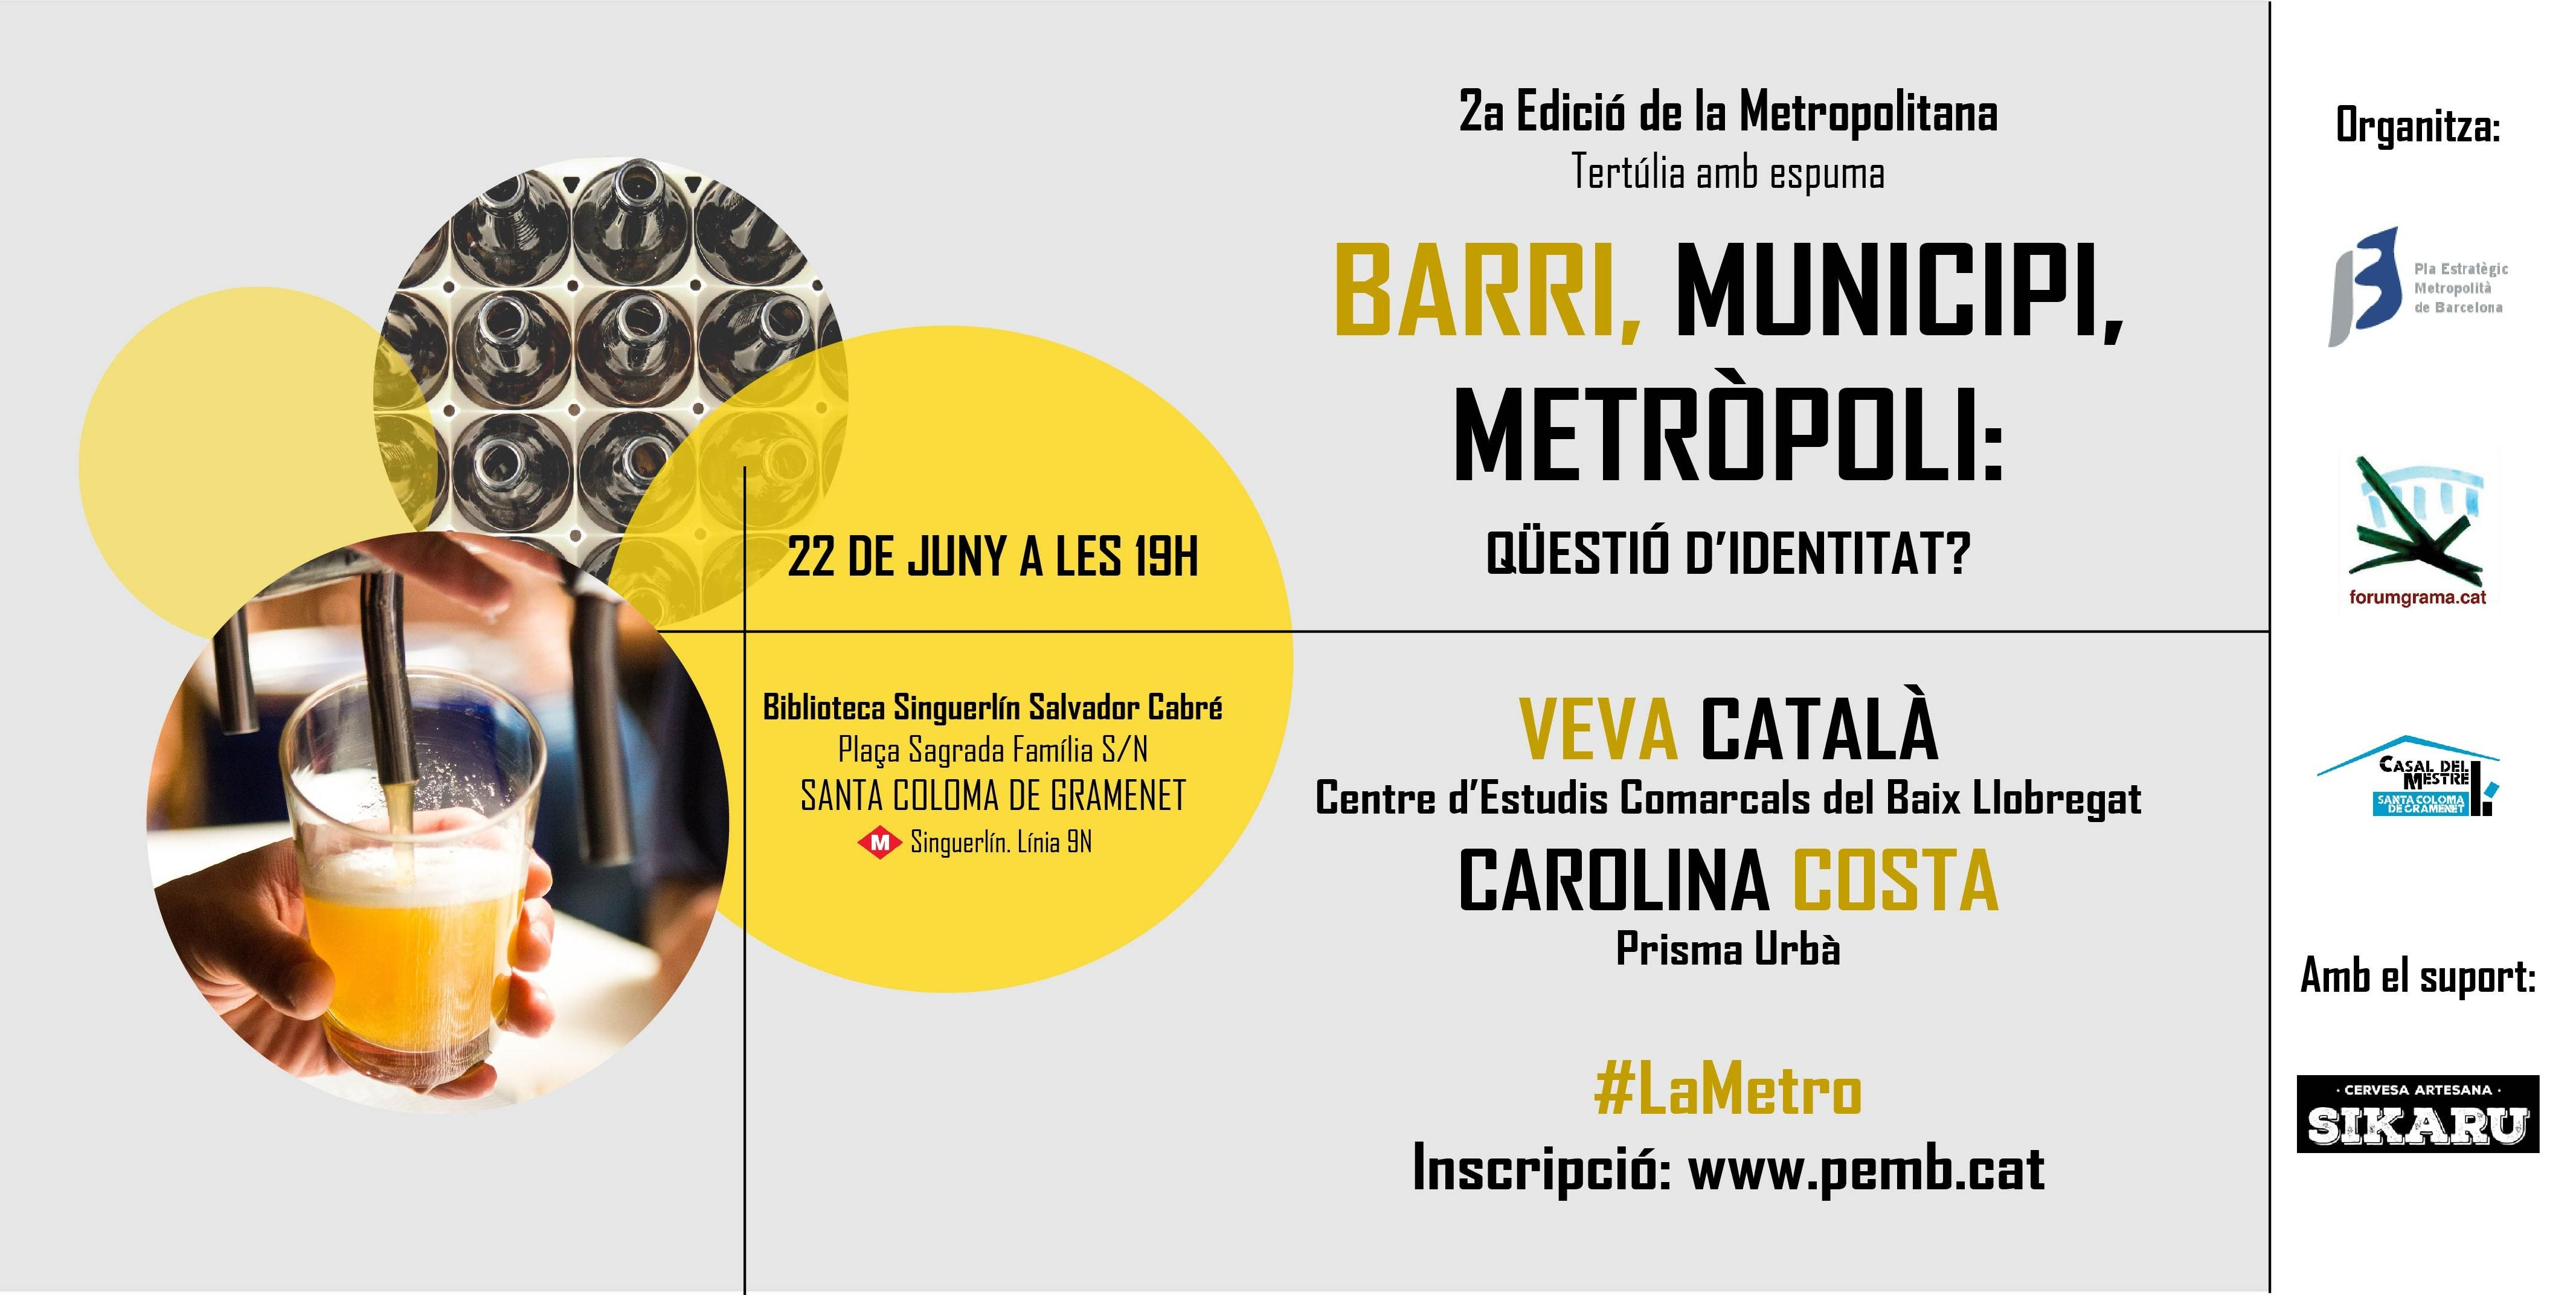 Barri, municipi, metropoli: qüestió d'identitat?